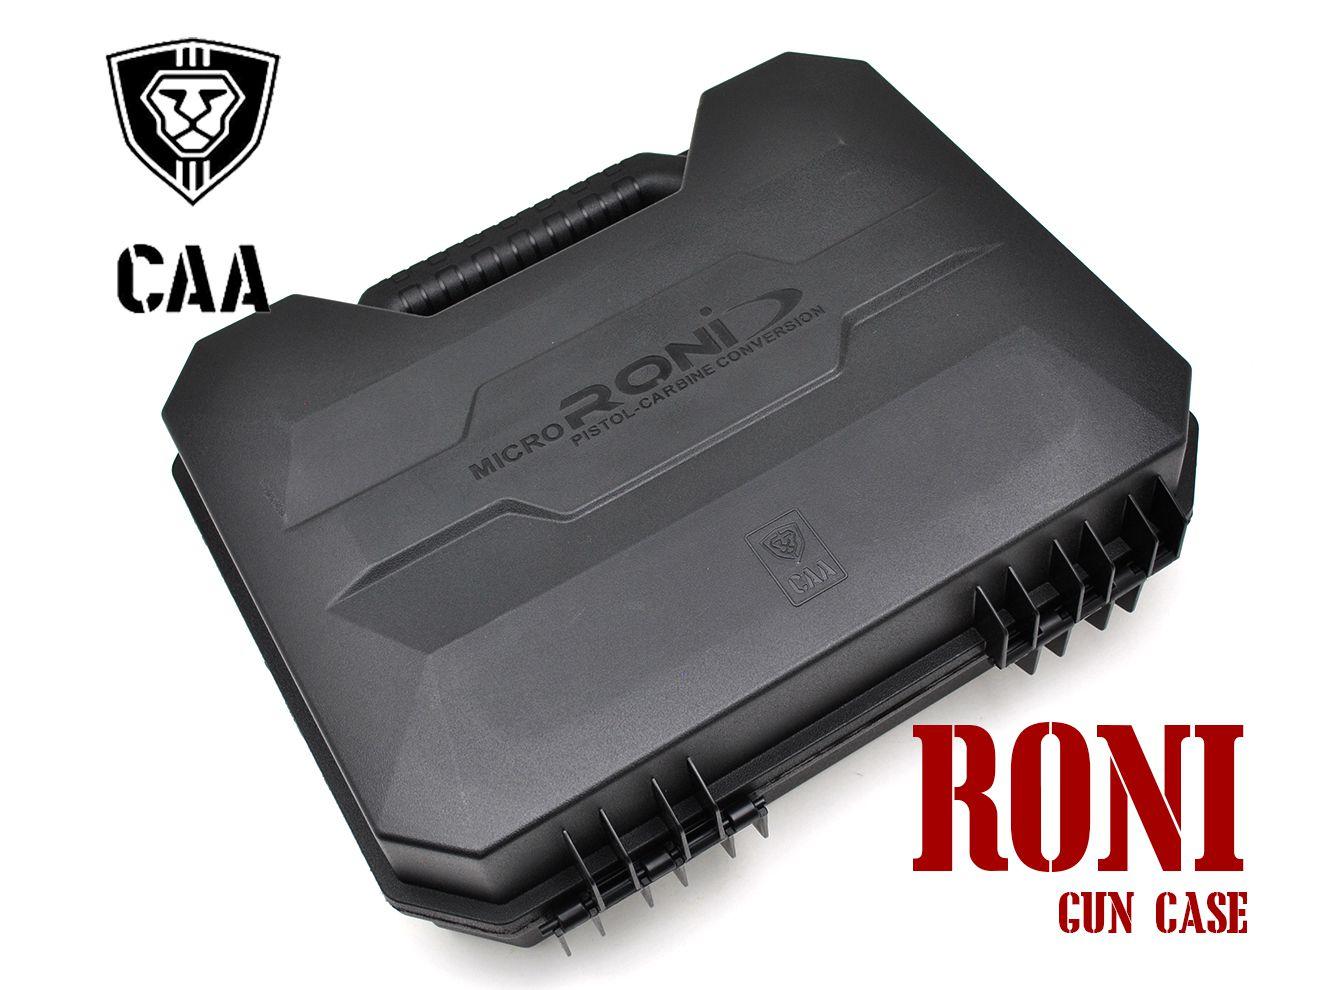 CAA Airsoft Micro RONI ハンドガン ガンケース BK★ピストルケース GLOCK M92F M9A1 P226 HK SIG